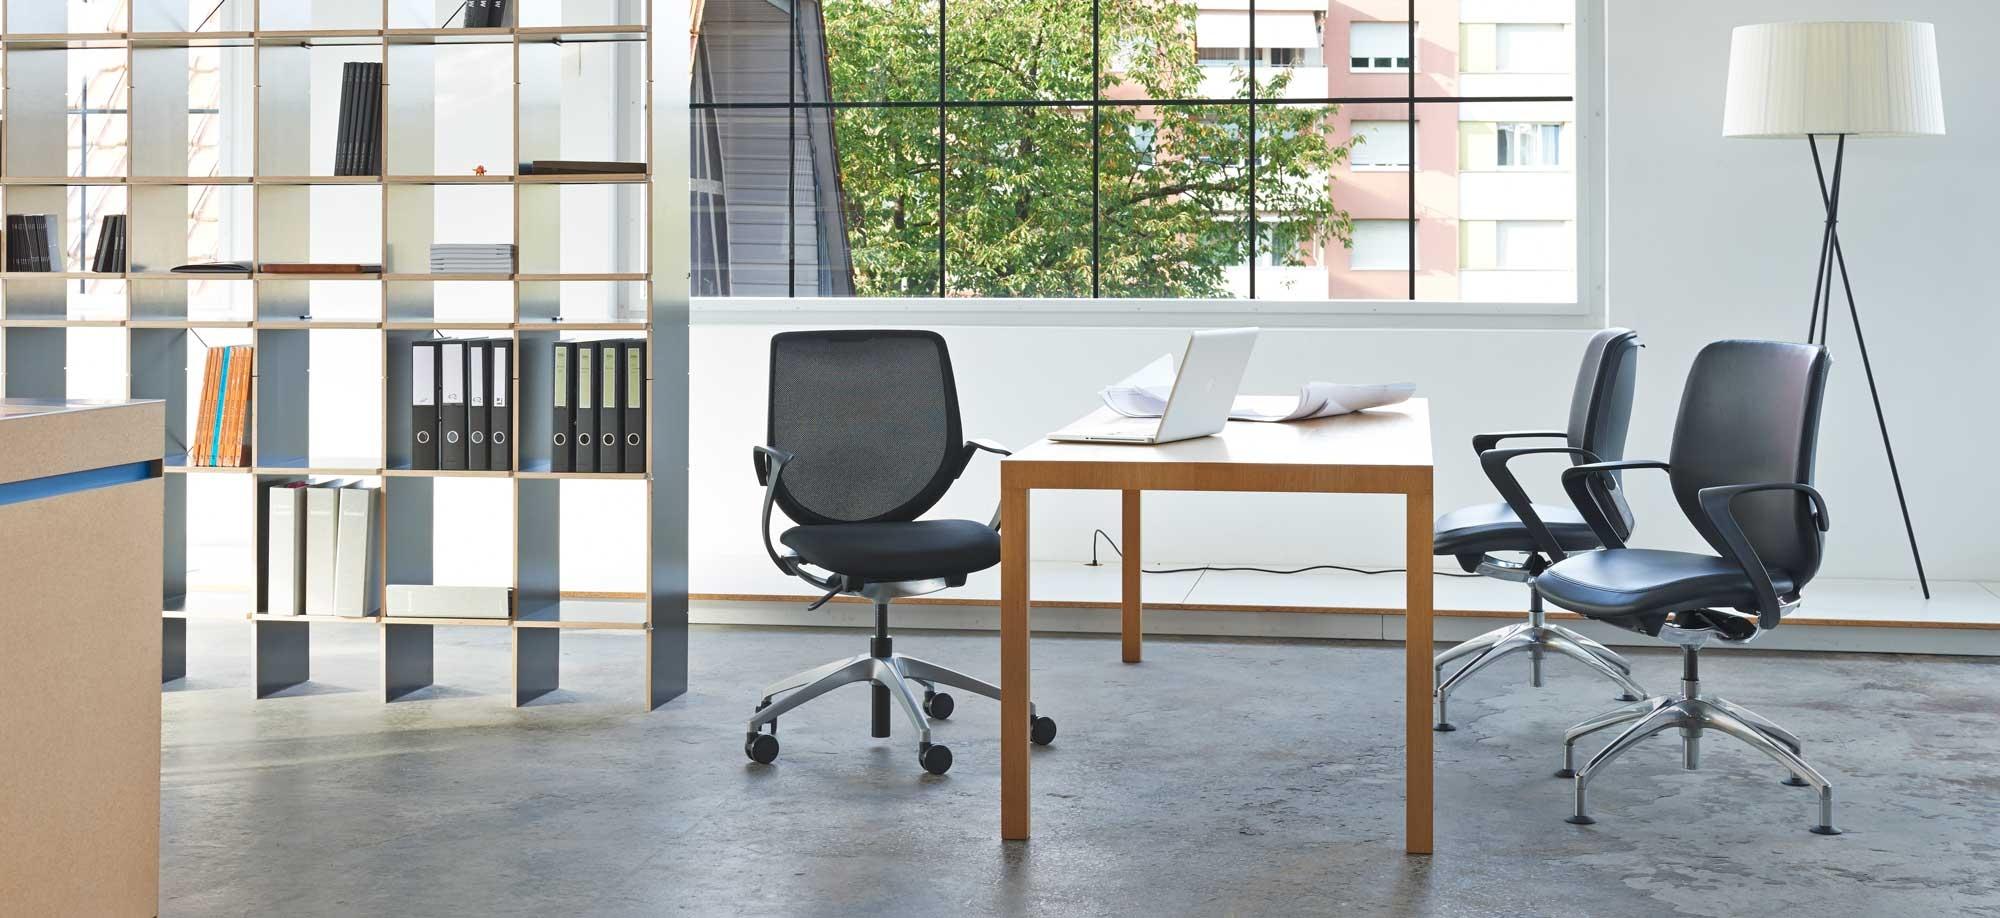 Krzesło Giroflex 313- Producent: Flokk, Dystrybutor: Vipservice. Ergonomiczne i zaawansowane krzesło do biur i przestrzeni coworkingowej